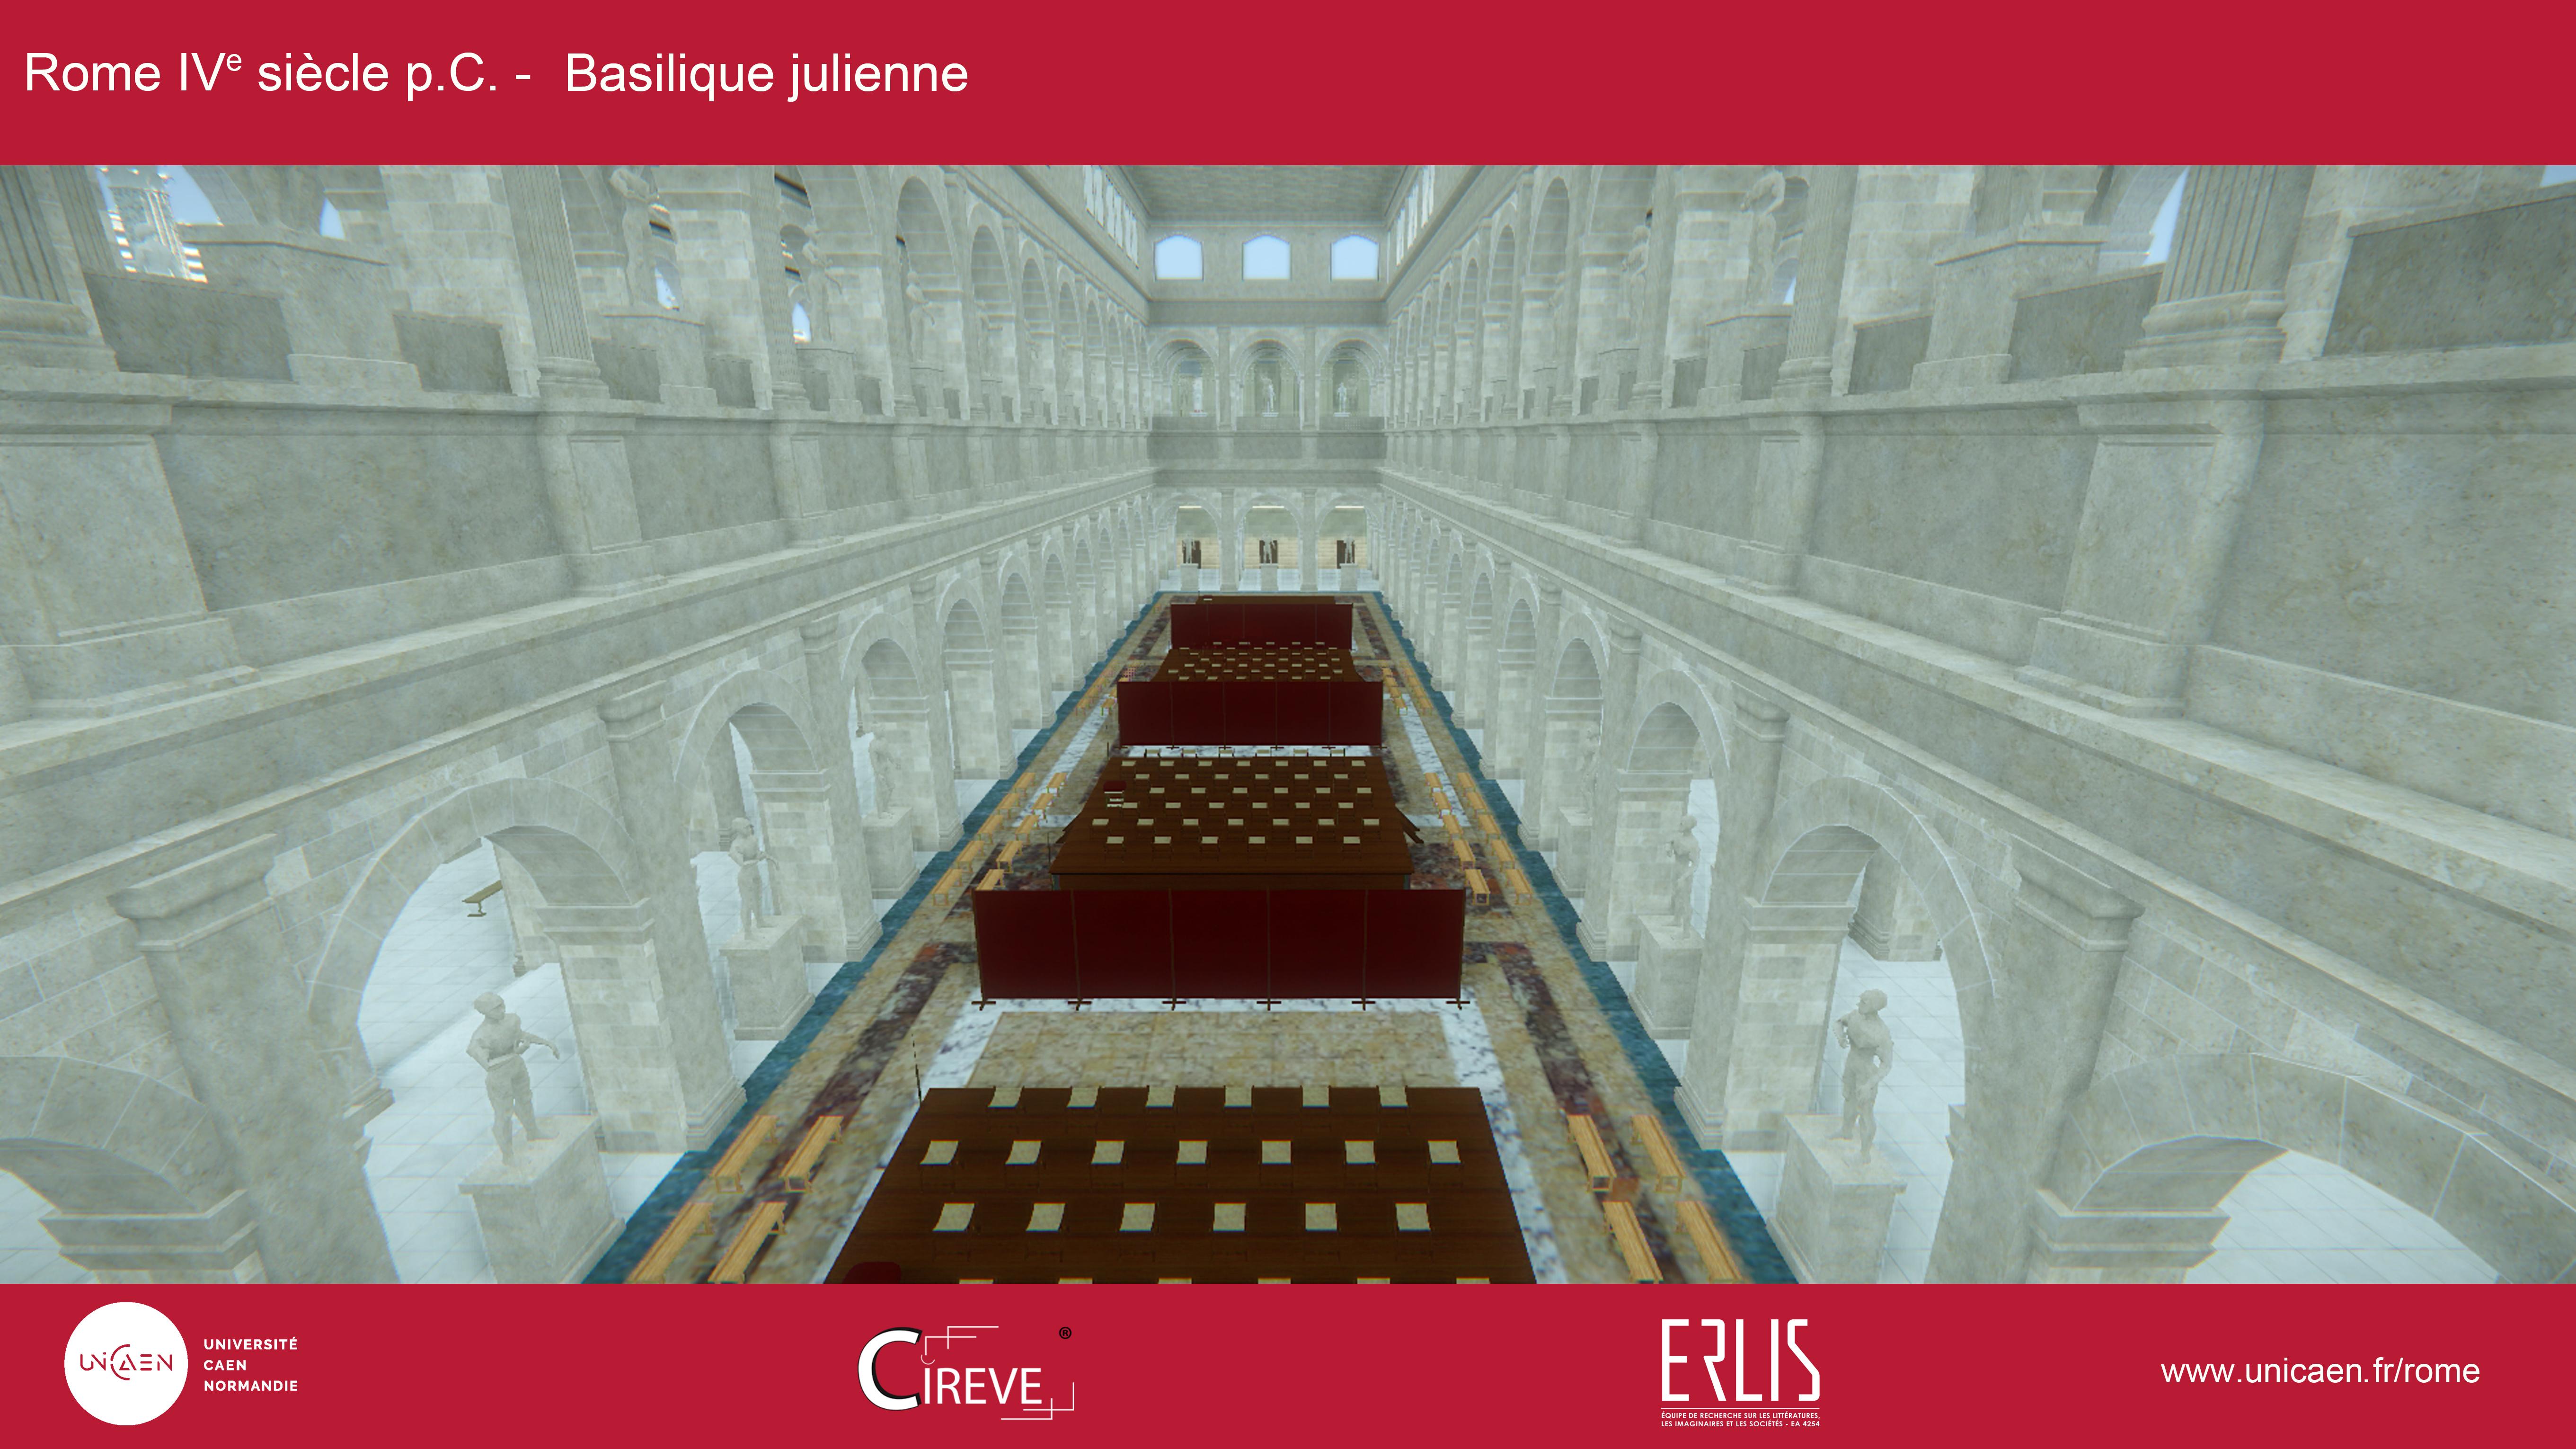 Basilique julienne